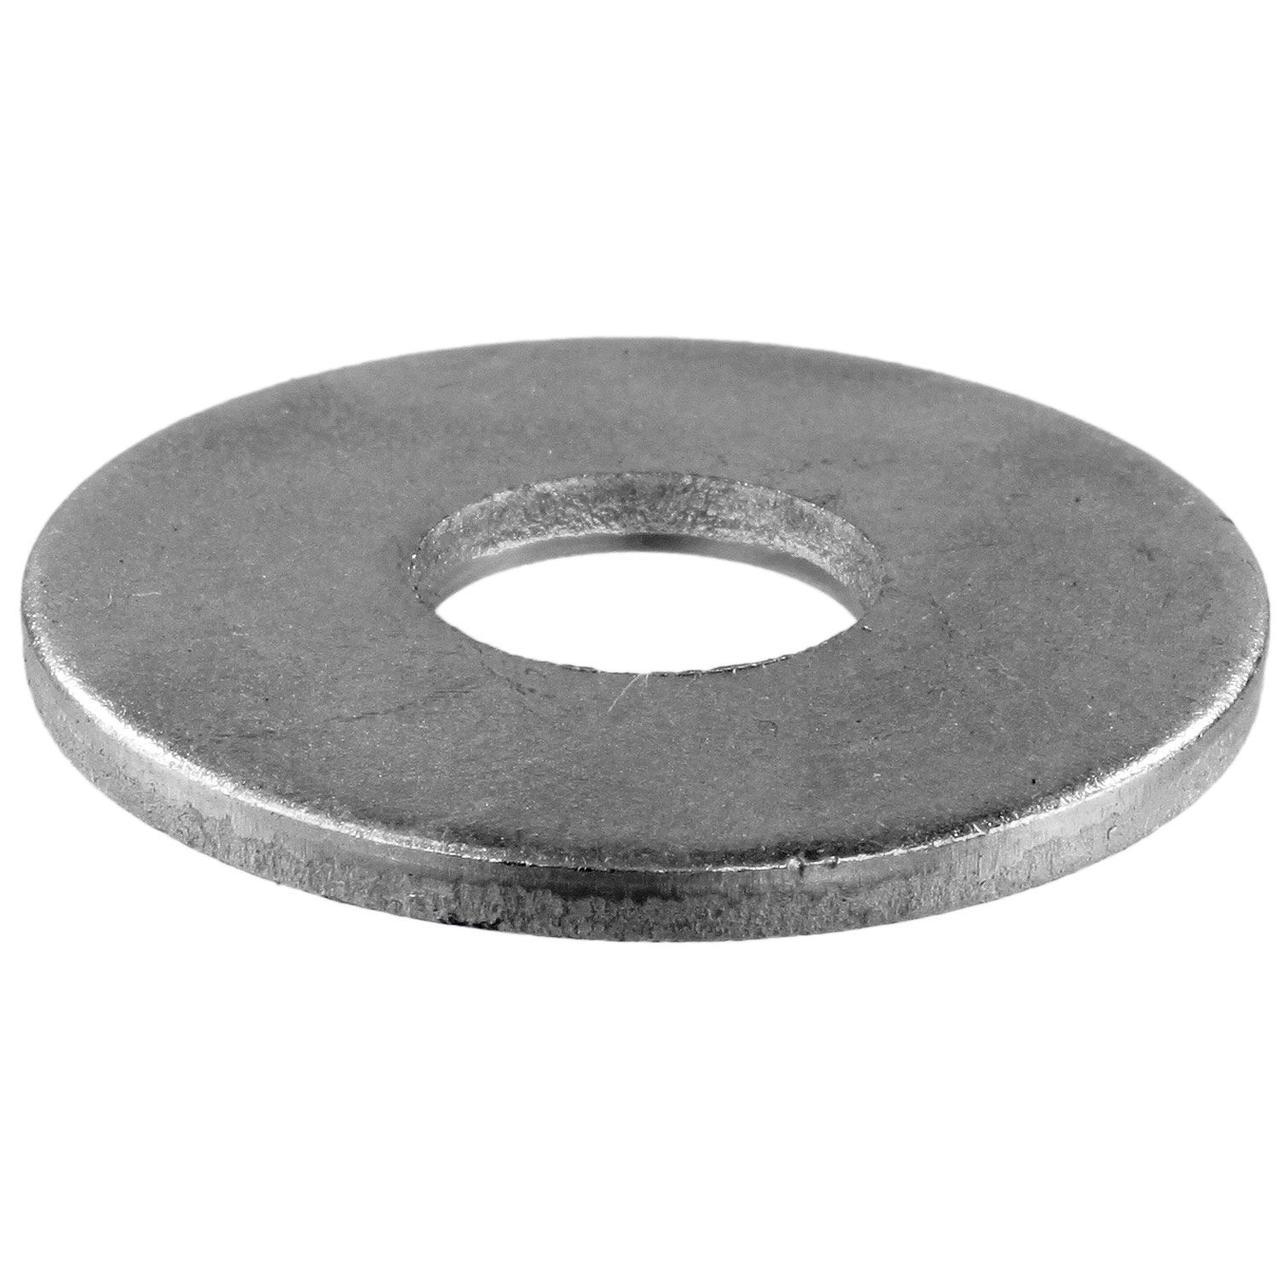 Кольцо ст 35 1300х161х600 мм